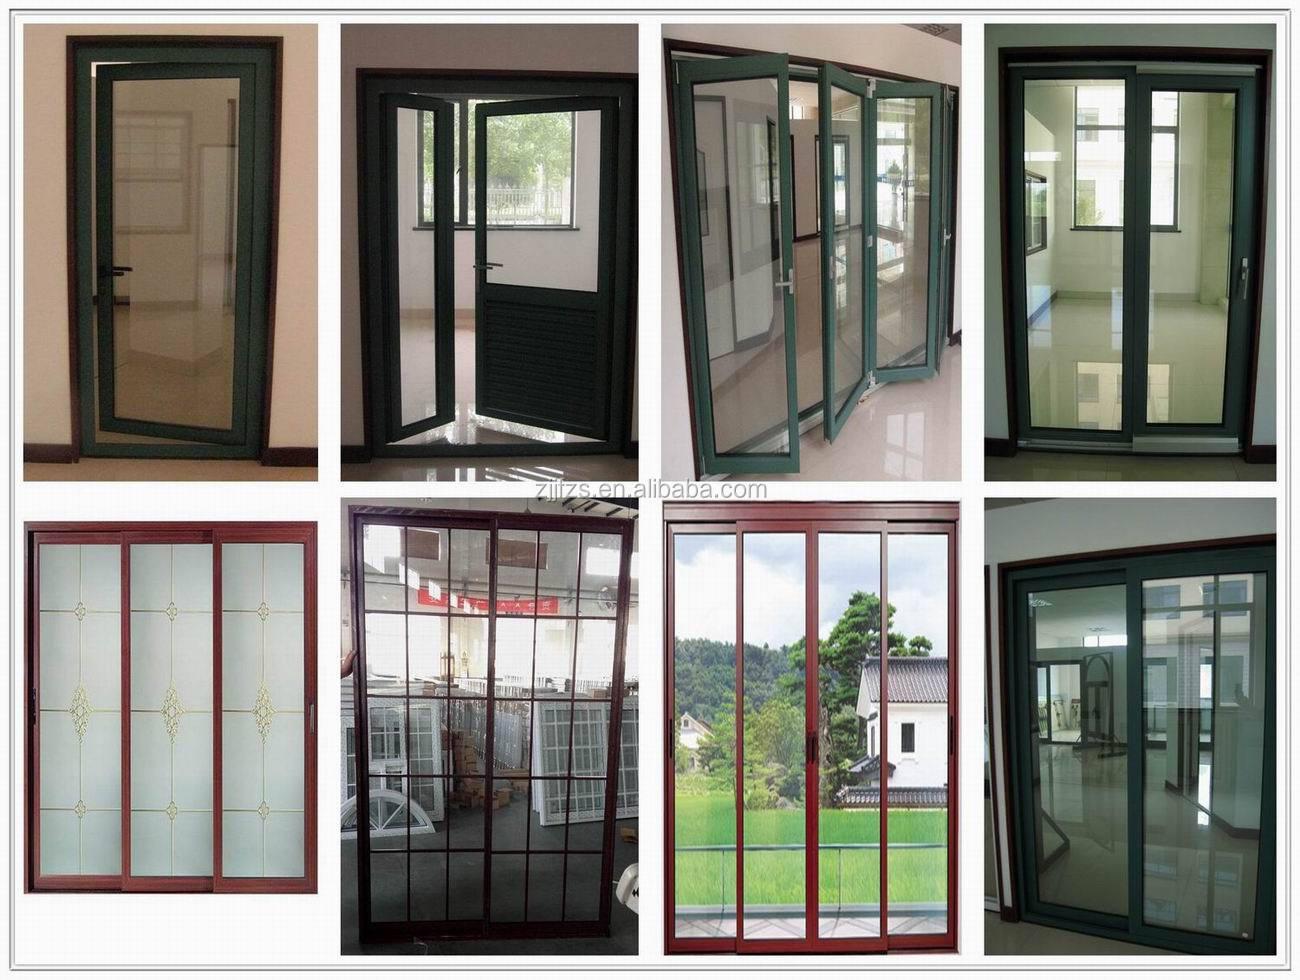 Puertas aluminio precios madera metlicas aluminio for Puertas de aluminio exterior precios